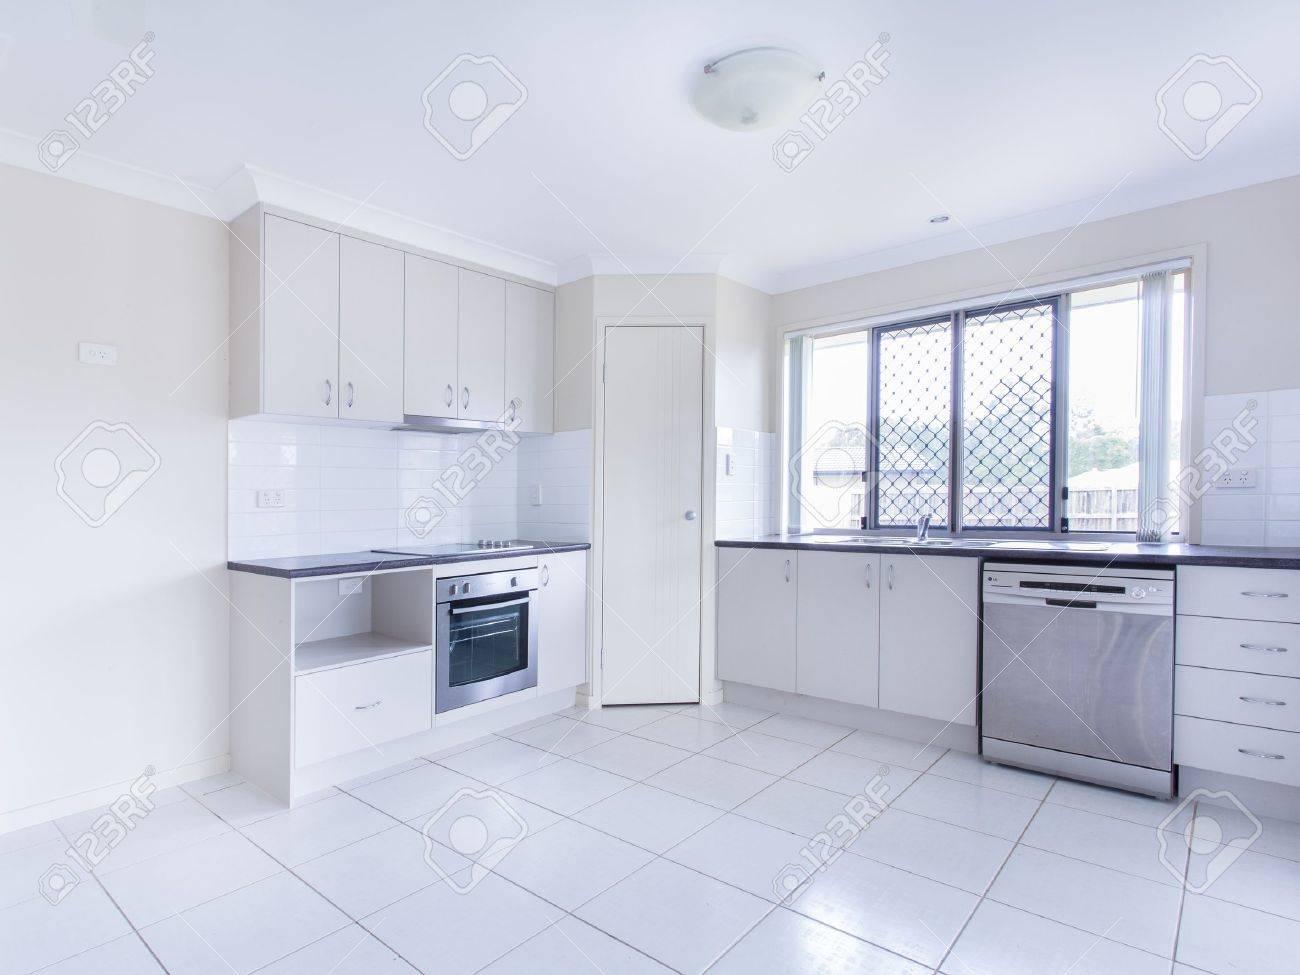 Lege betegelde keuken met afwasmachine roestvrij stalen apparatuur ...